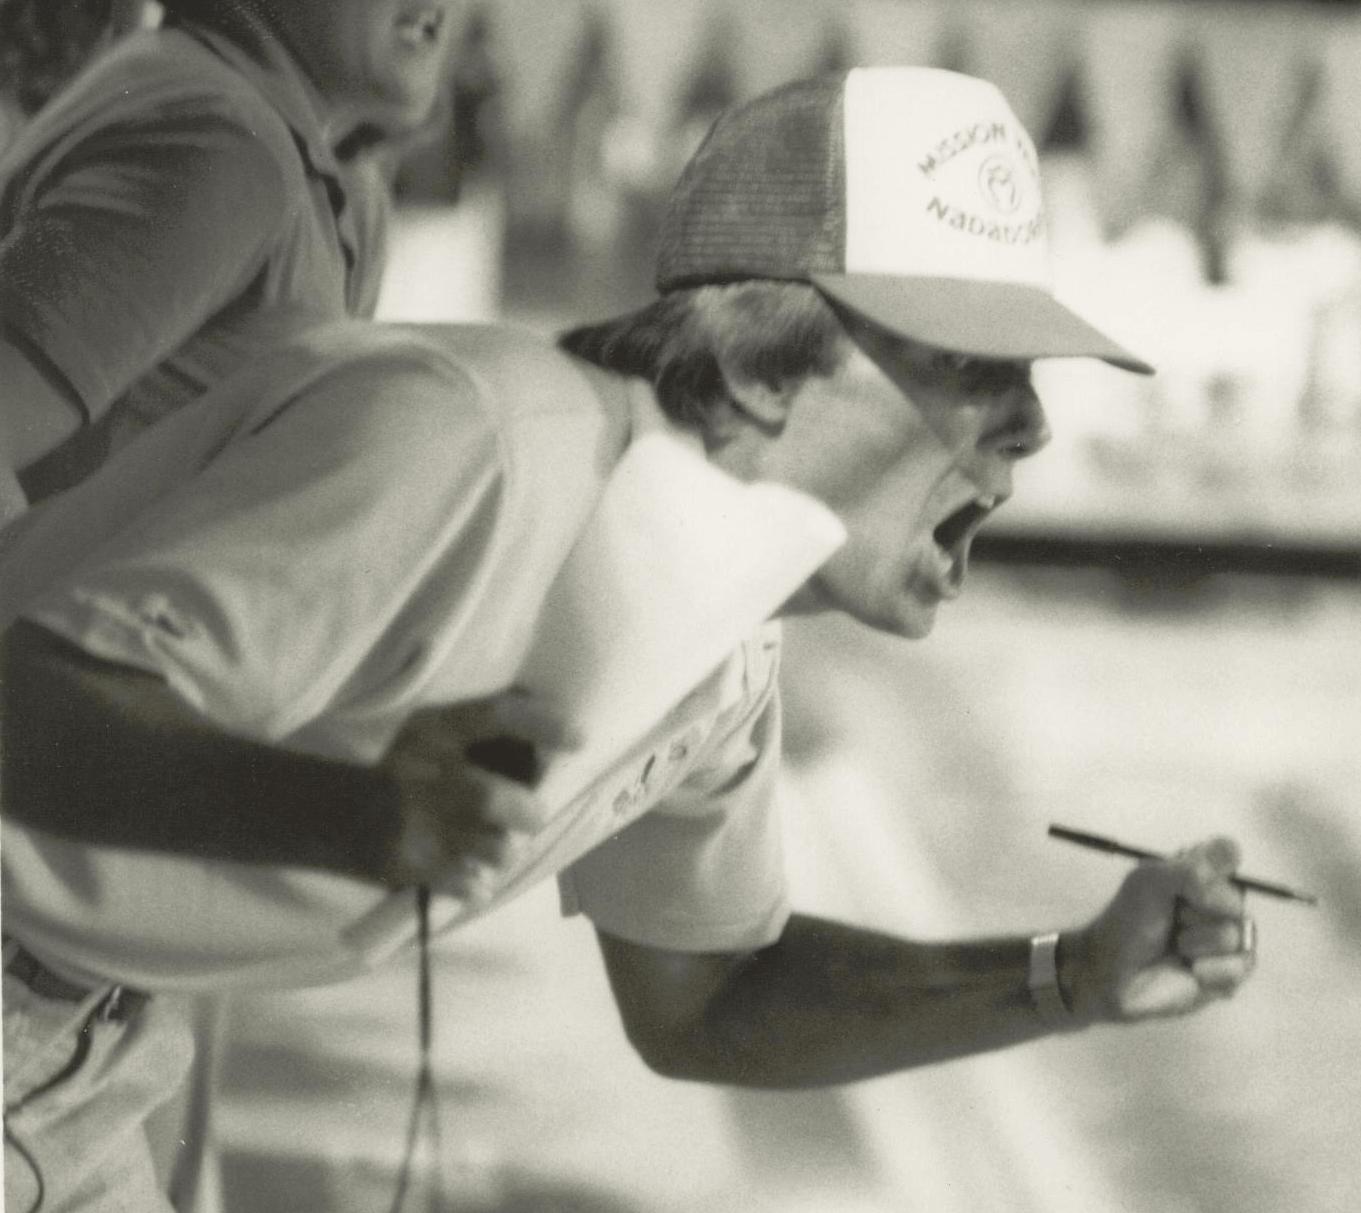 mark-schubert-1982-wc-by-ch (1)